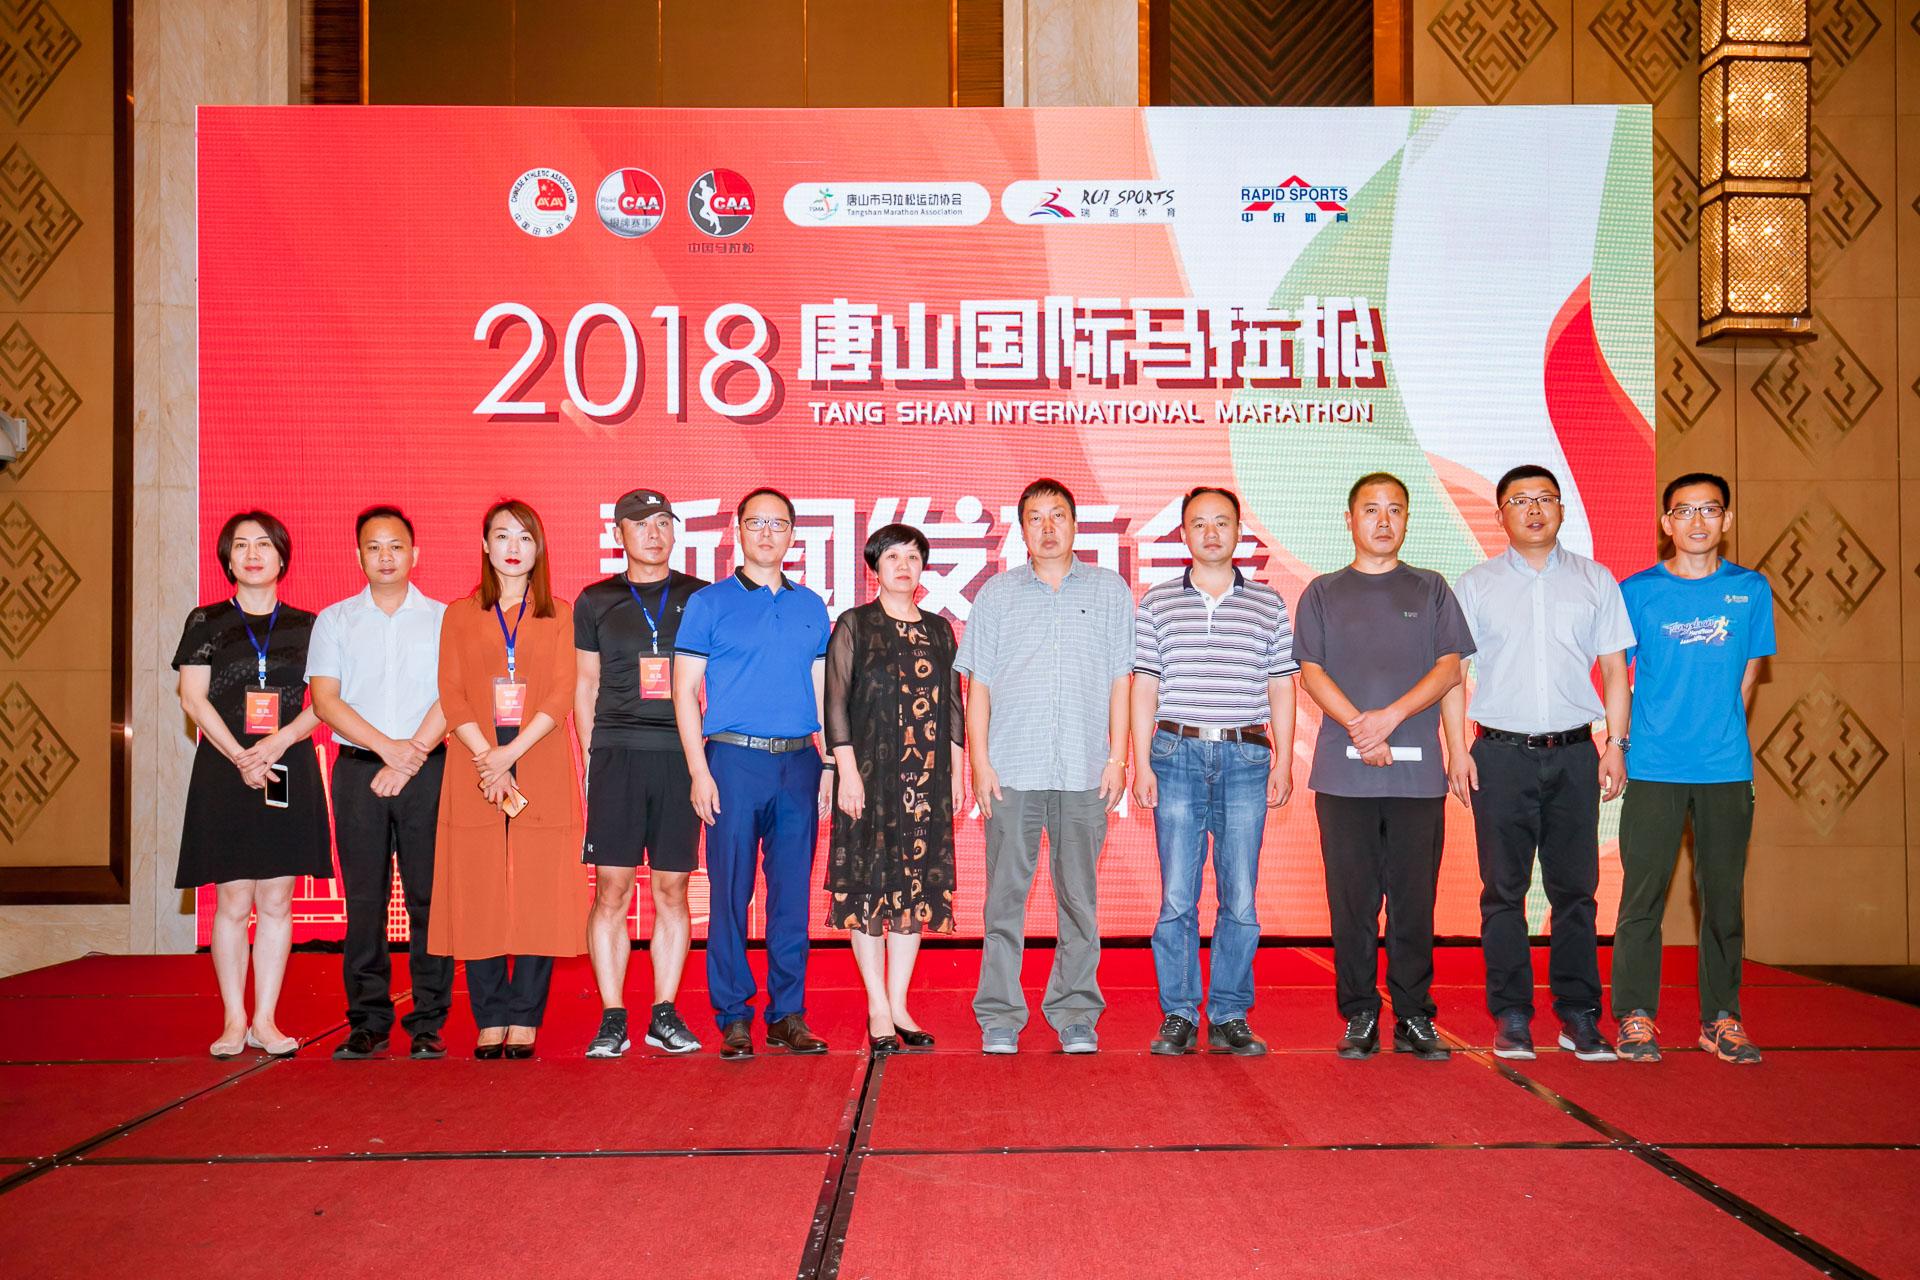 2018唐山国际马拉松召开新闻发布会 6日开启报名